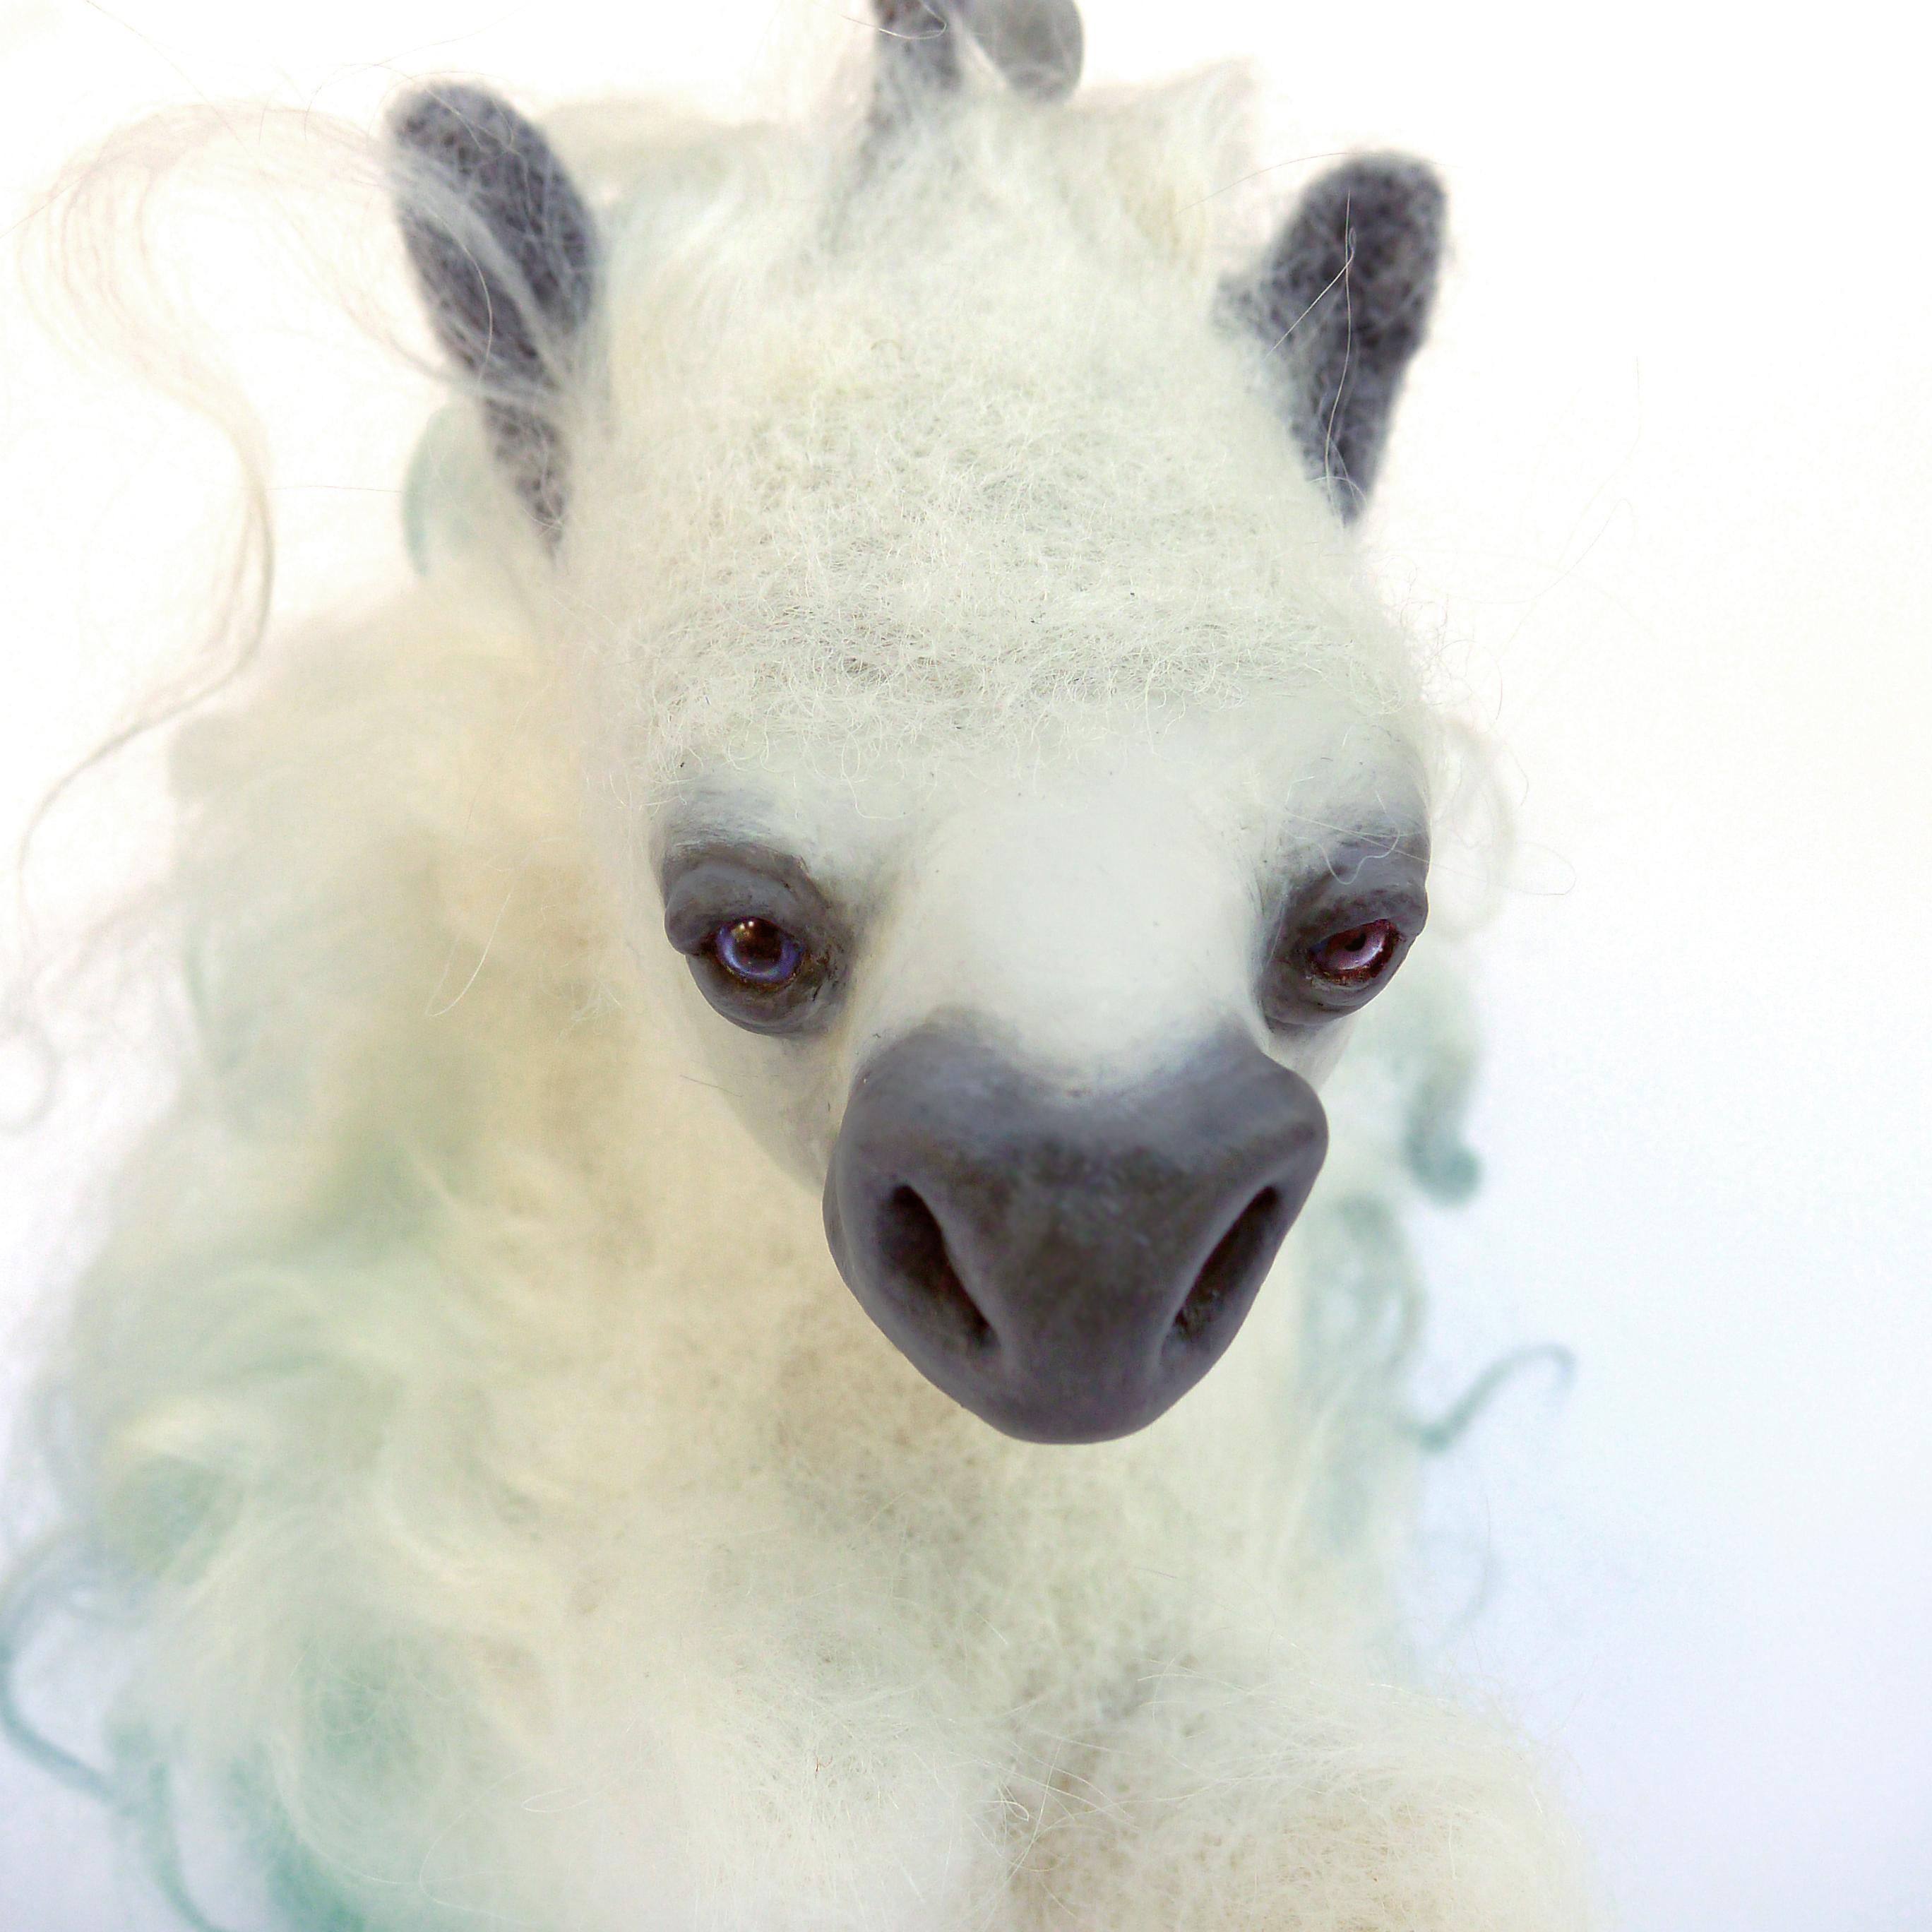 Sea Horse needle felted sculpture animal - Karina Kalvaitis